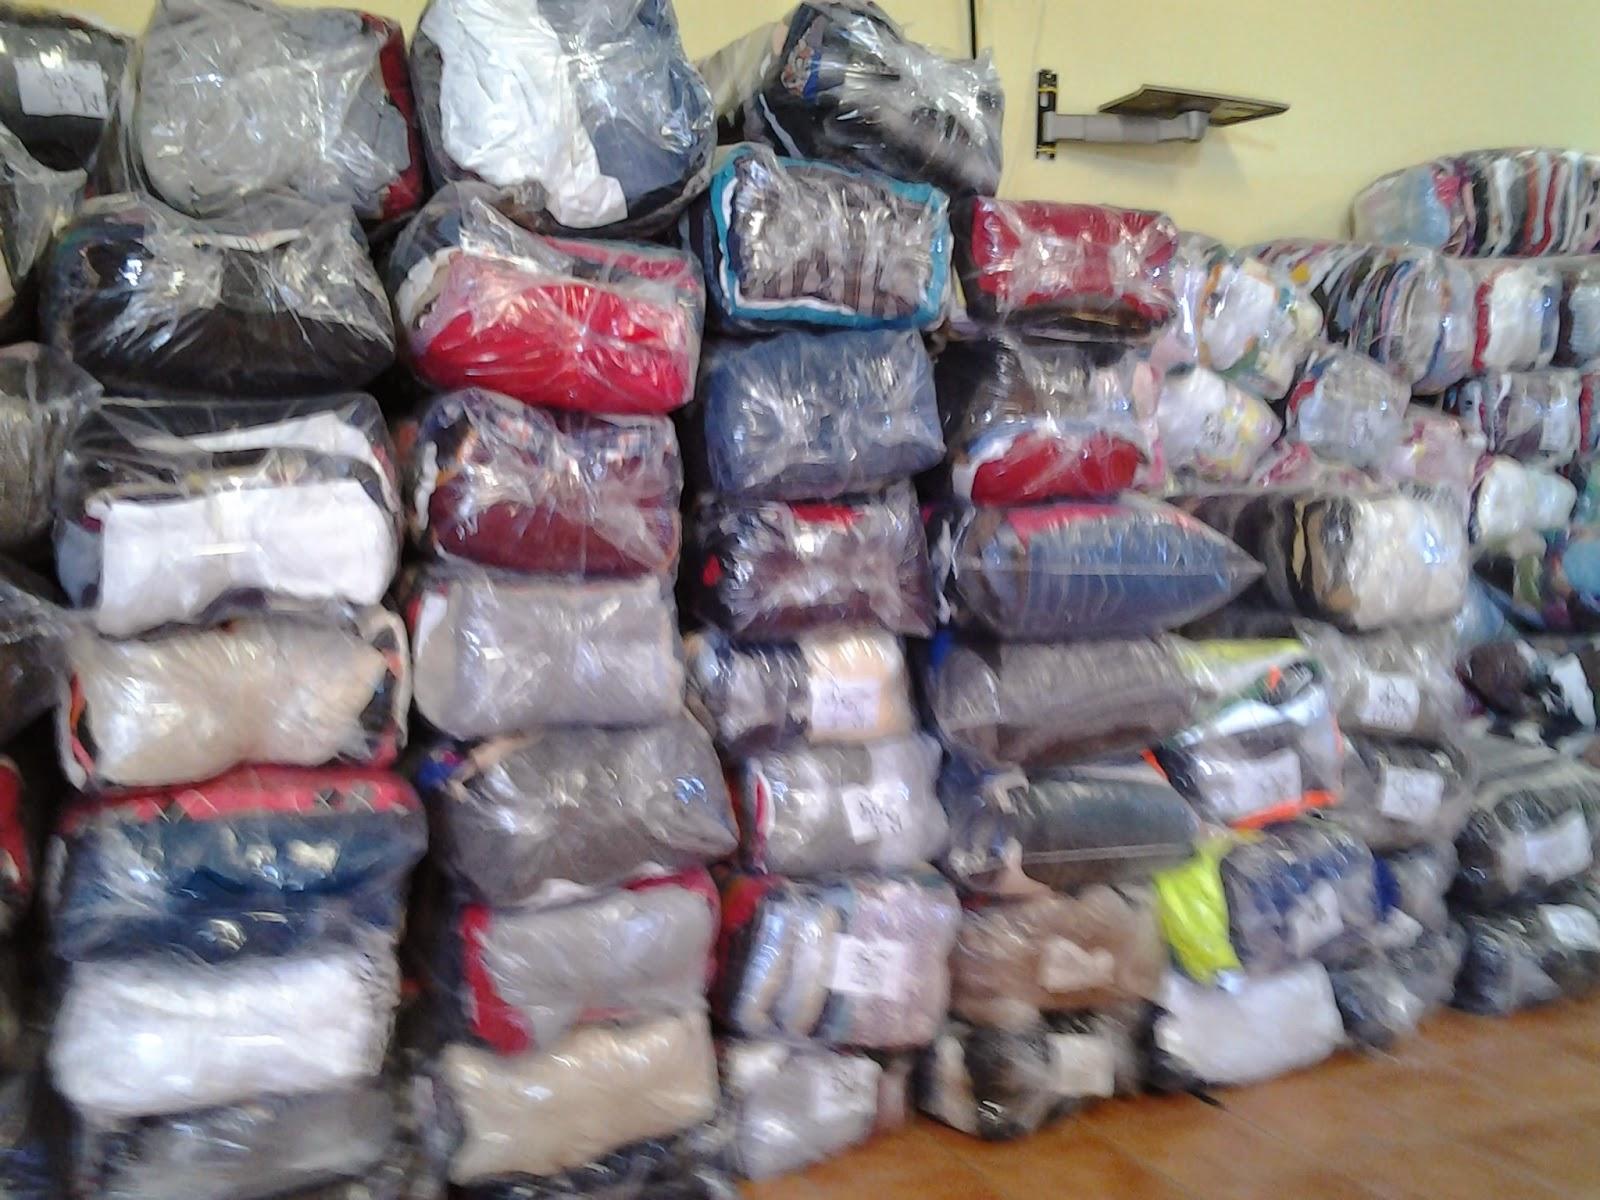 Empresa ropa usada la mejor empresa de reciclaje y venta ropa de segunda  mano por kilos f9268738f83